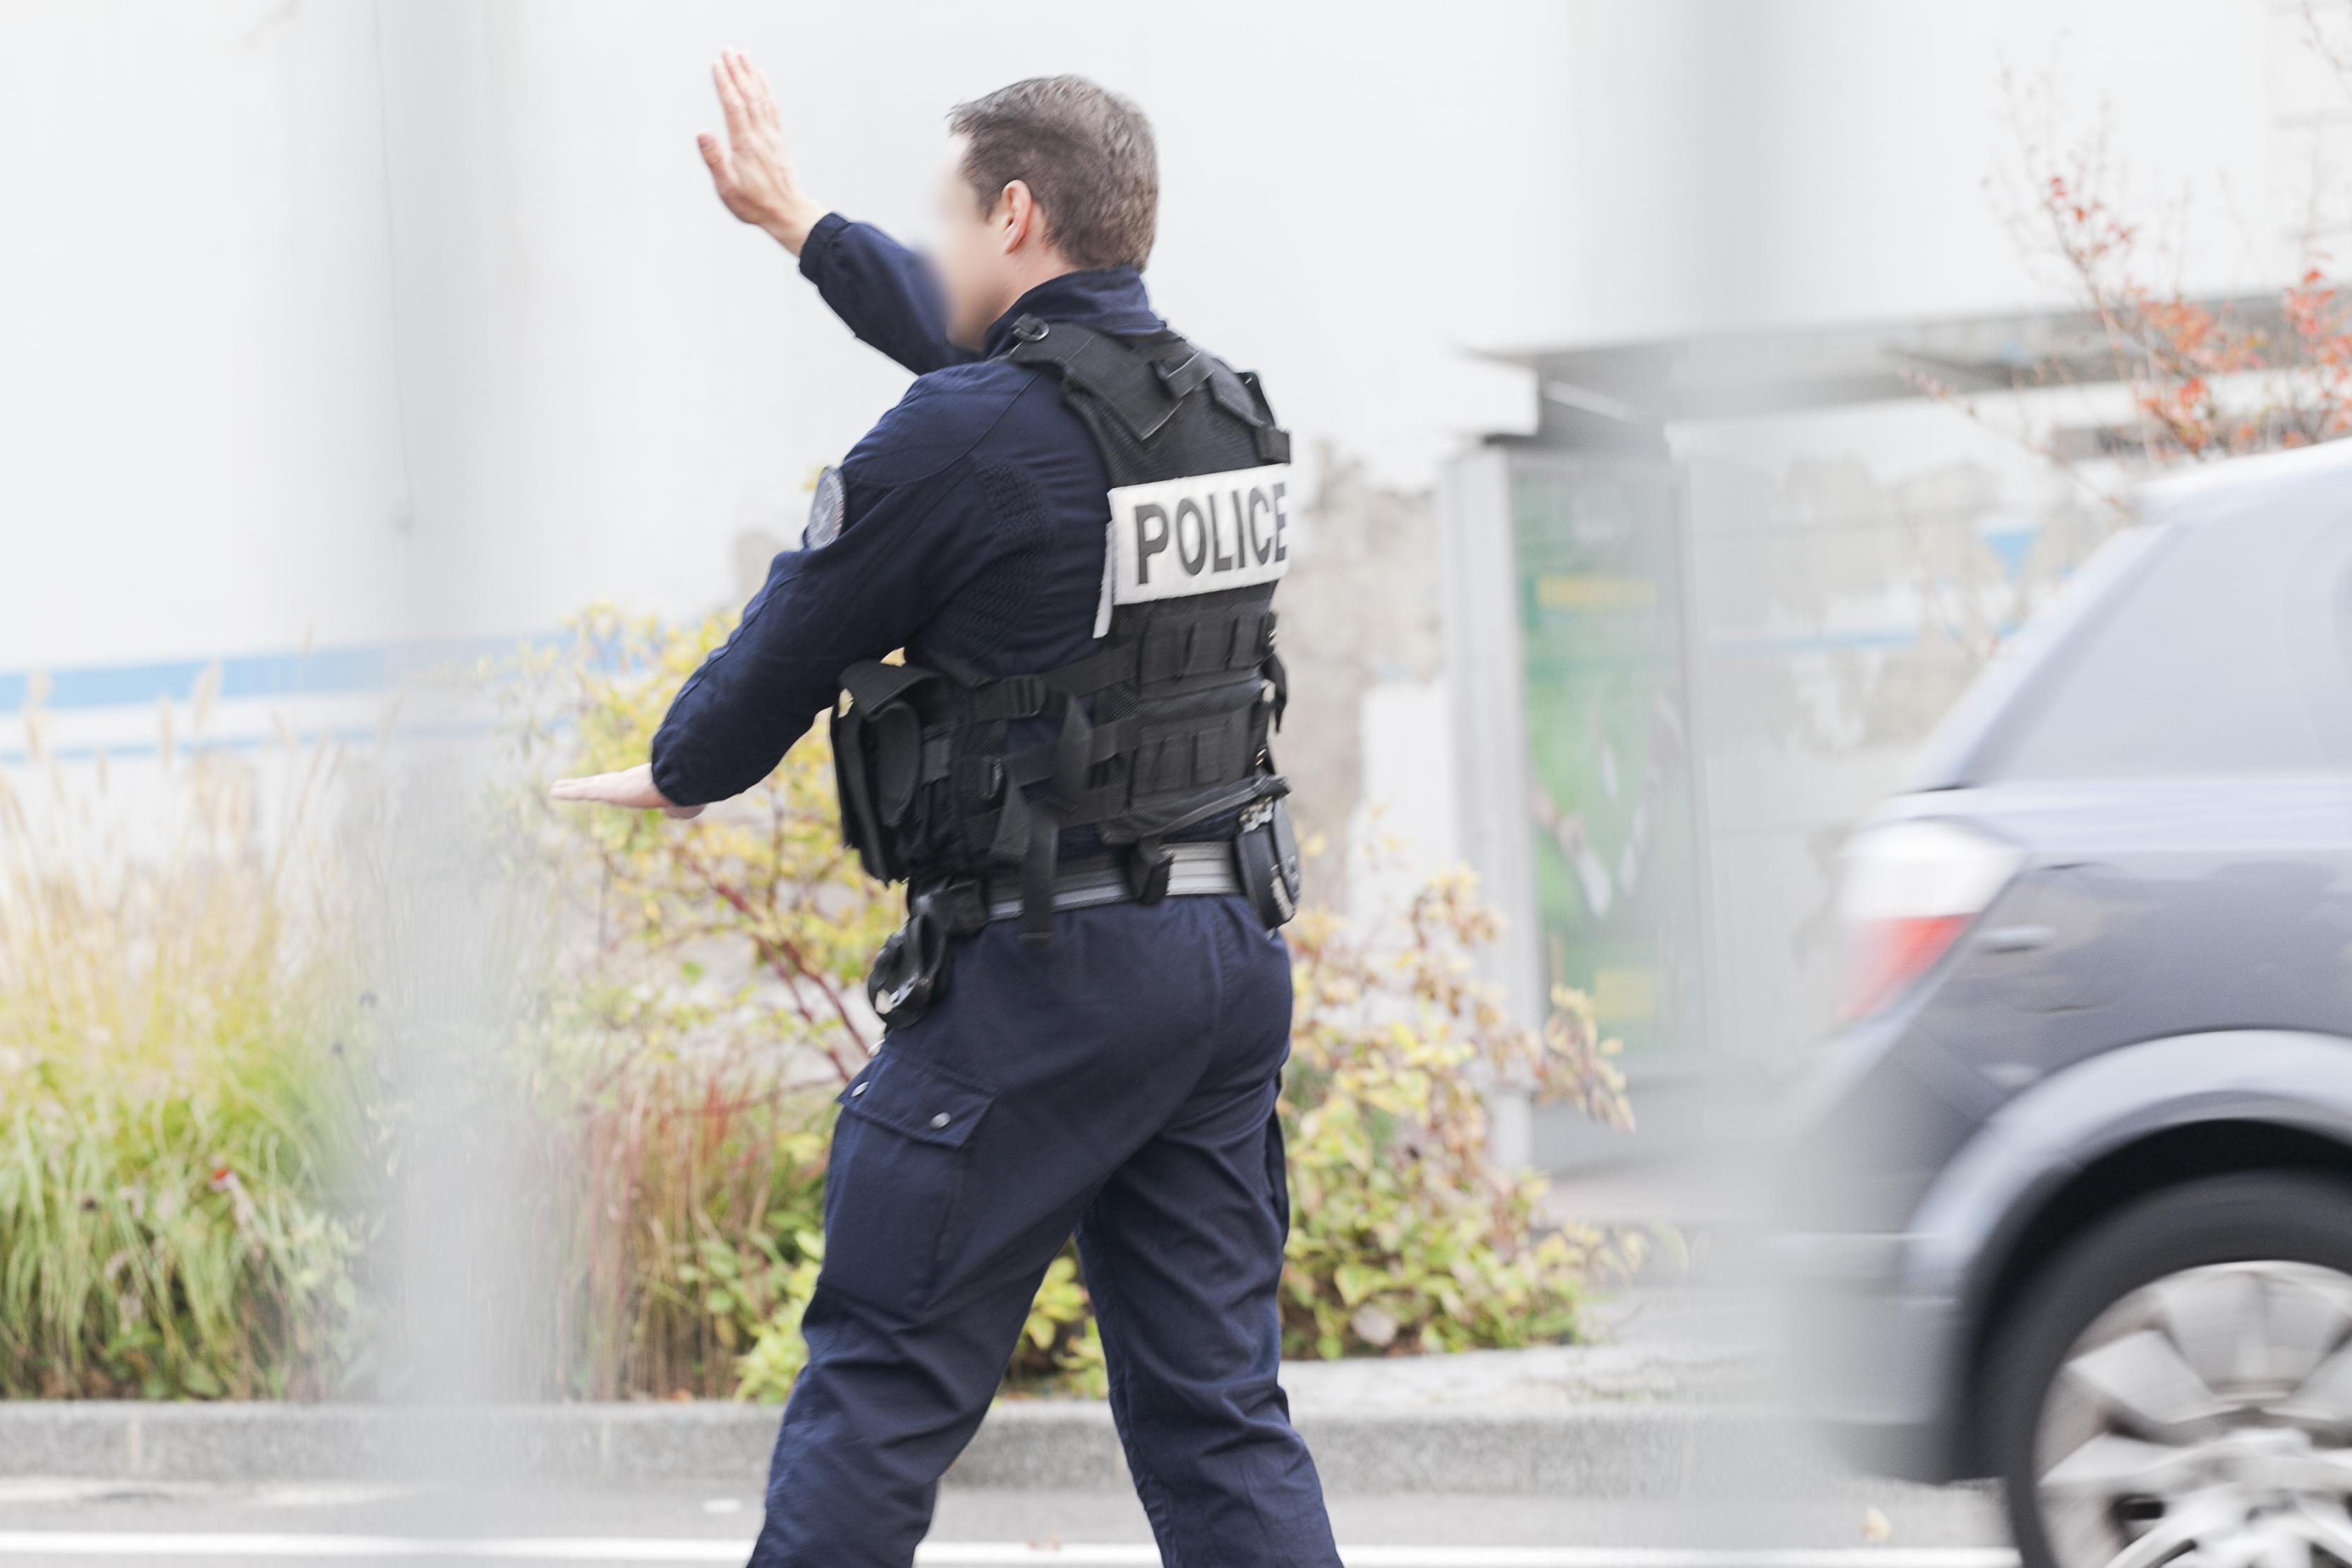 Lyon : nombreuses voitures de police à la Doua jeudi : c'est un exercice !